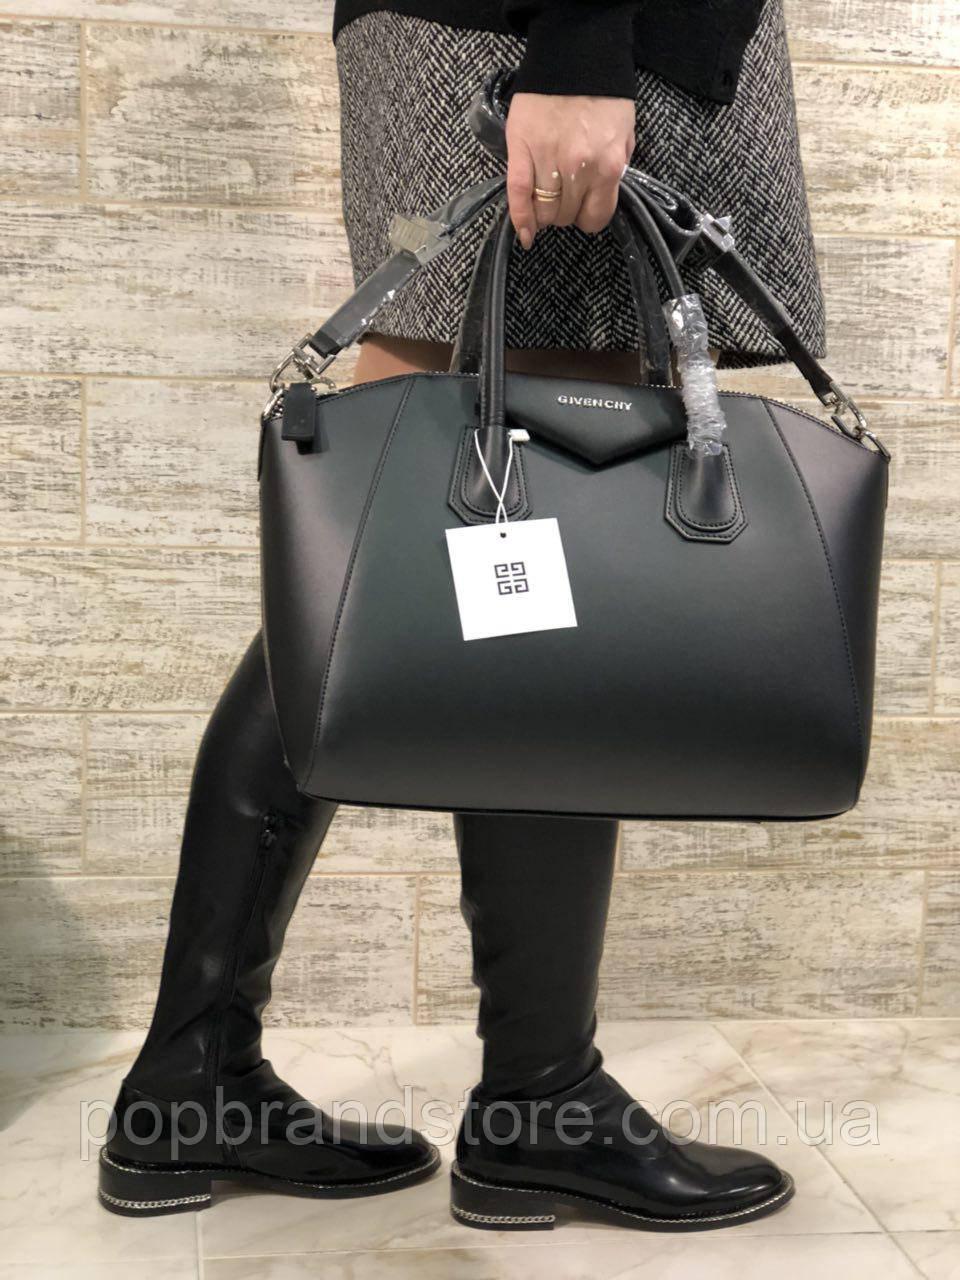 Сумка GIVENCHY ANTIGONA гладкая кожа (реплика) - Pop Brand Store    брендовые сумки, 101ee468427